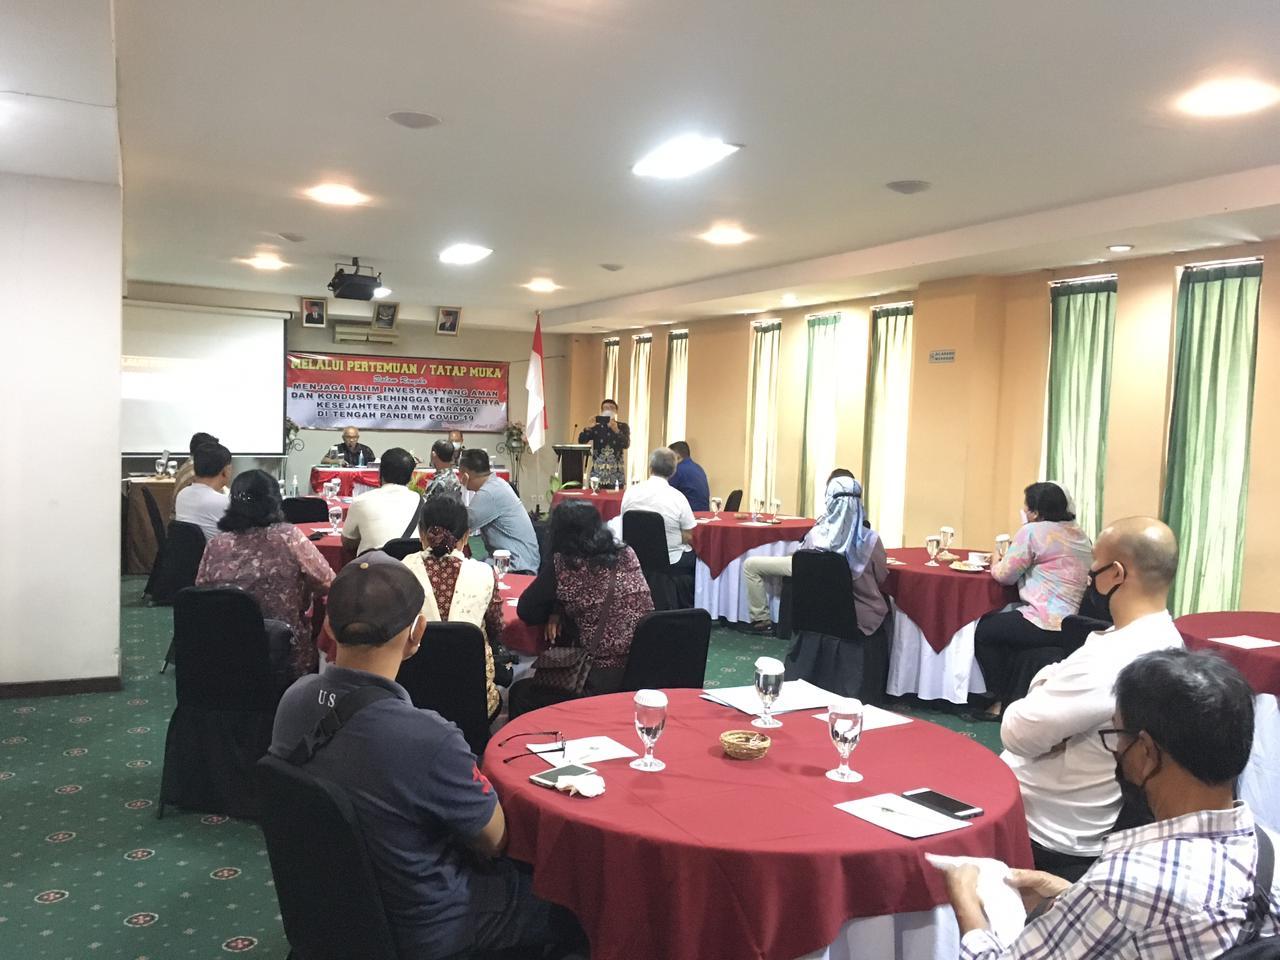 Nasabah Asuransi Bumi Putera temui manajemen AJBP di Bali. Foto: Lintasnusanews.com/Agung Widodo